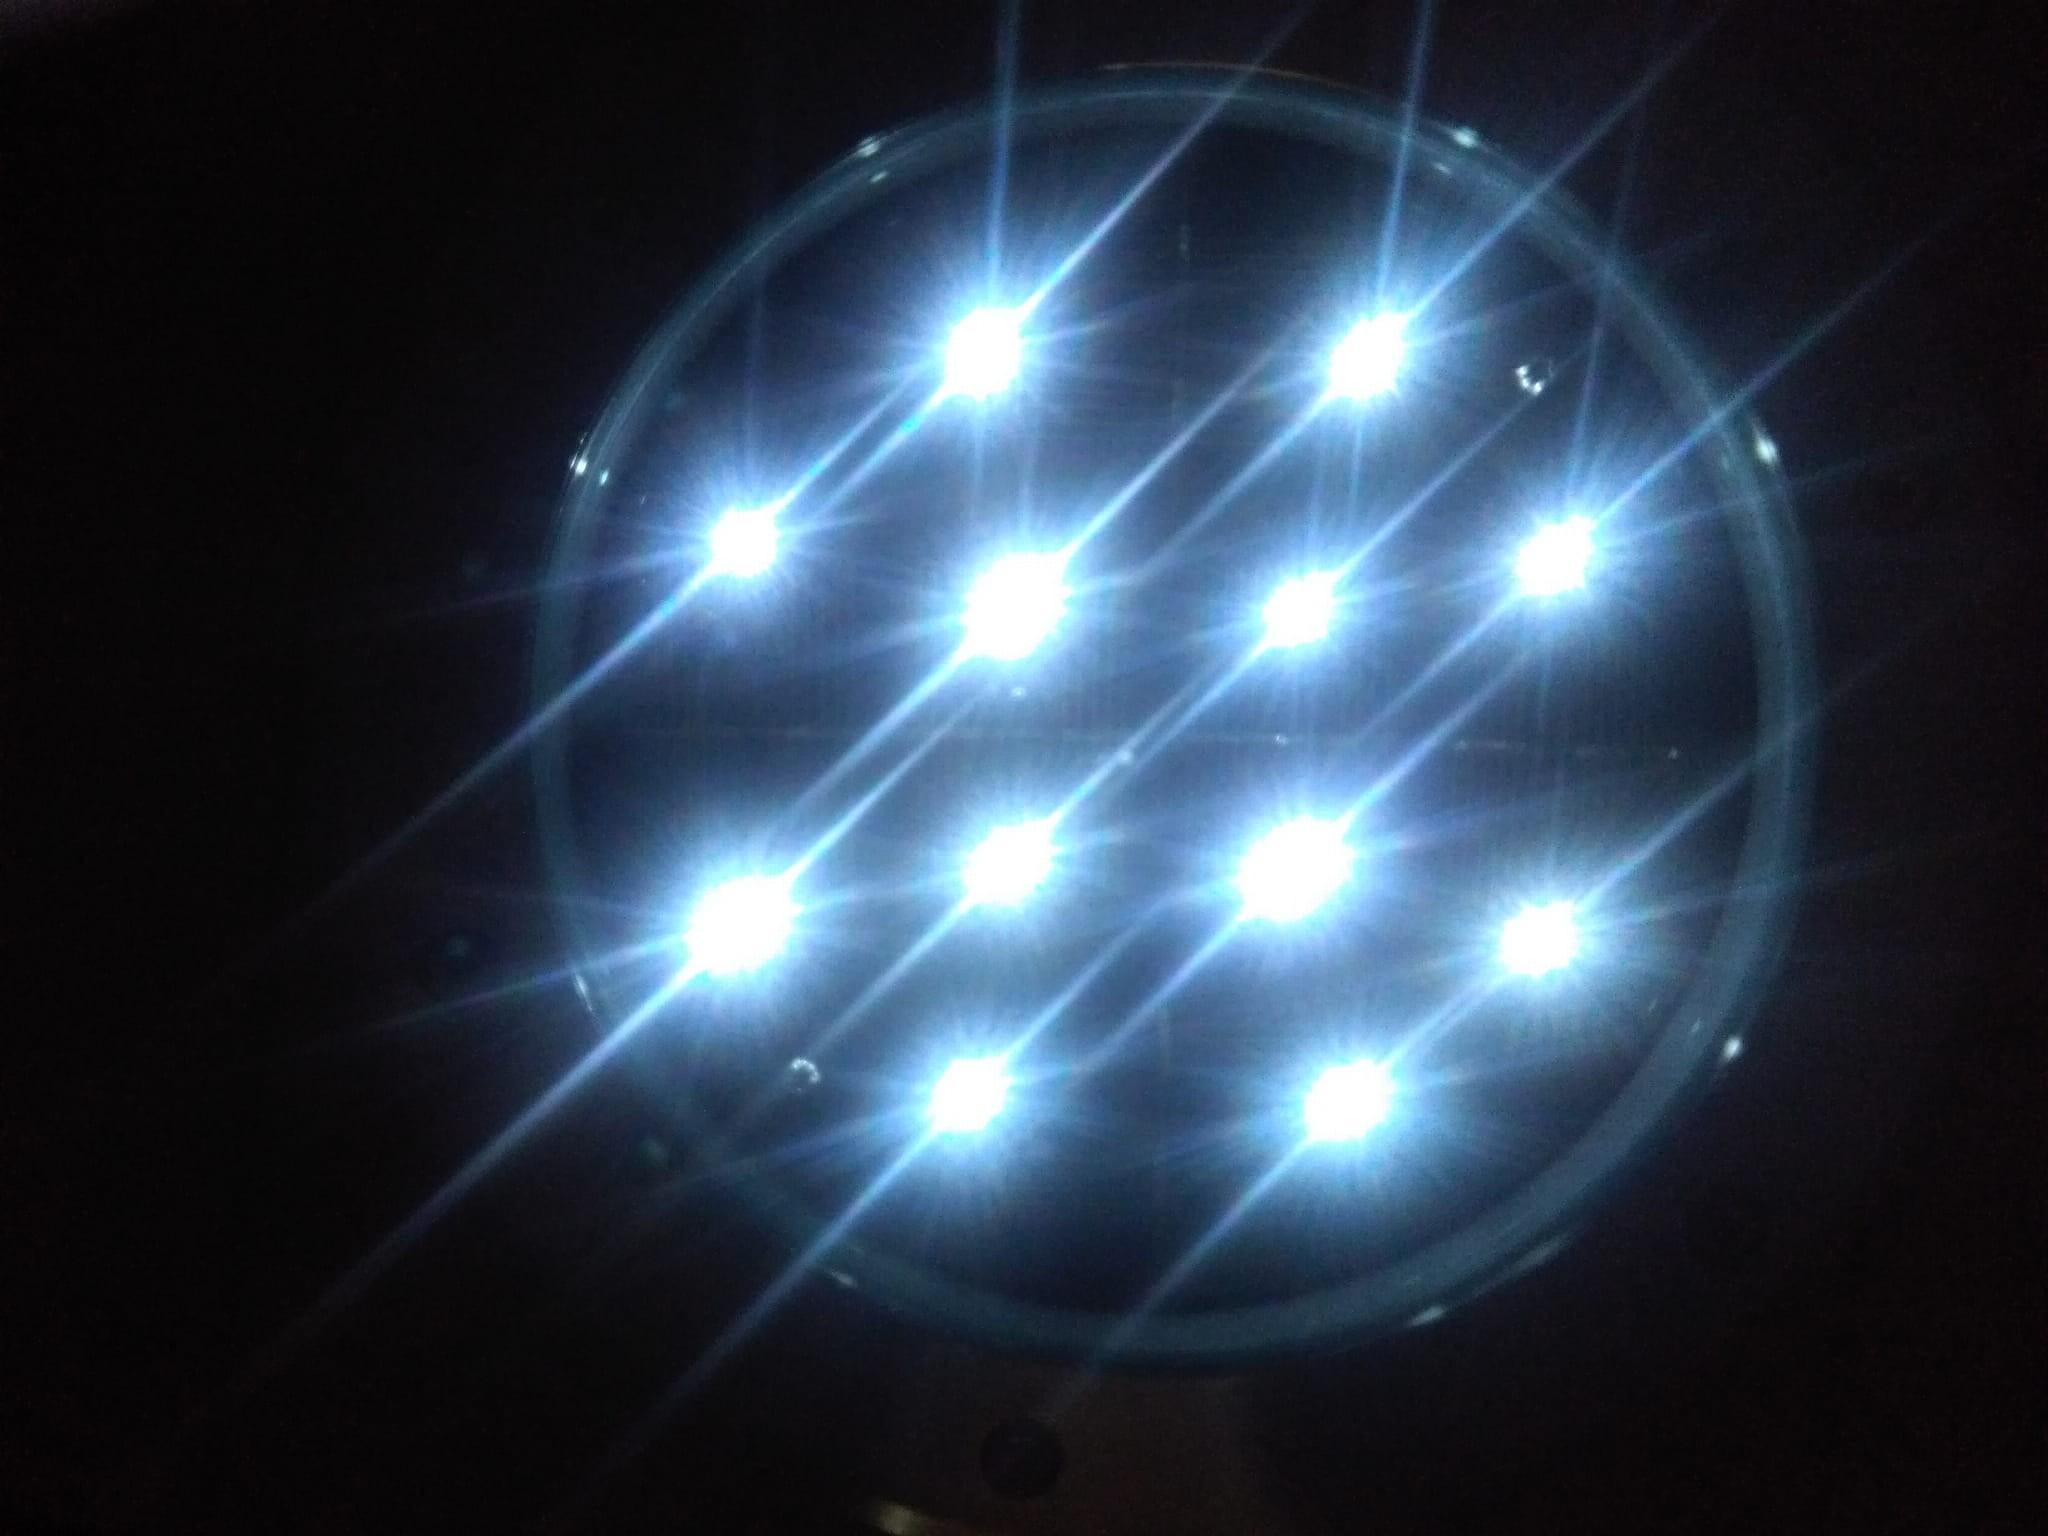 Najazdowa Lampa Solarna średnica Aż 25 Cm Klasa Premium